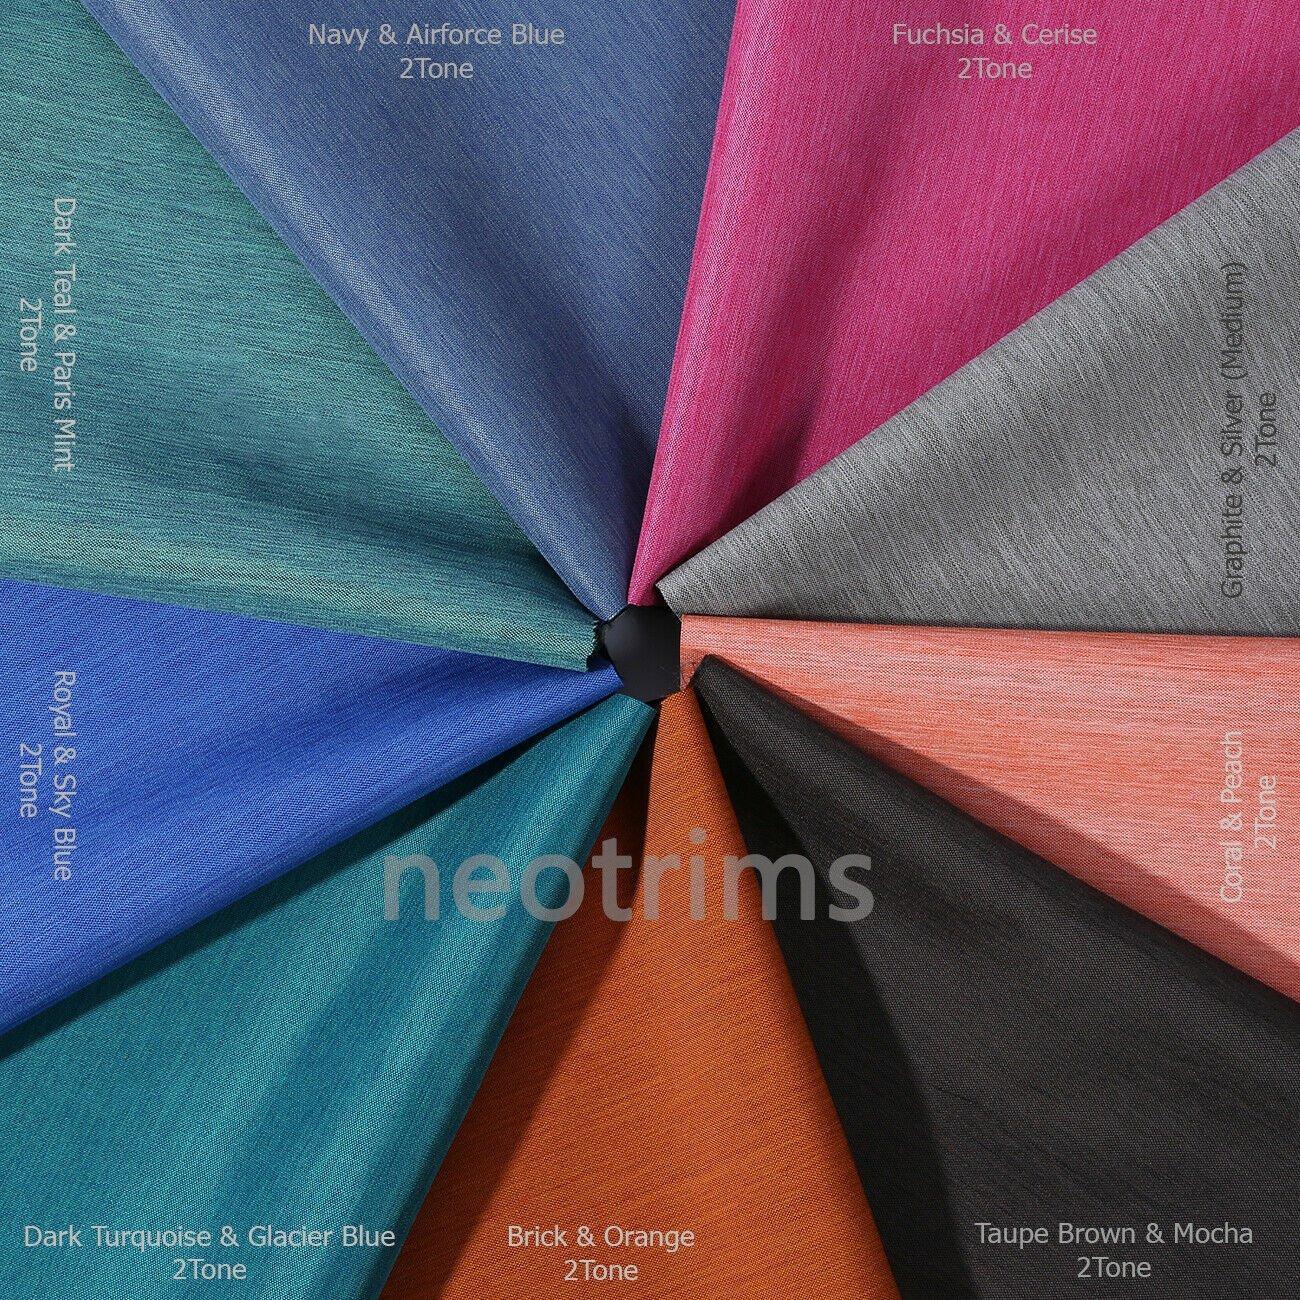 Waterproof Canvas Fabric 2 Tone Marl,600 Denier,PVC,Heavy Duty,Water Resistant